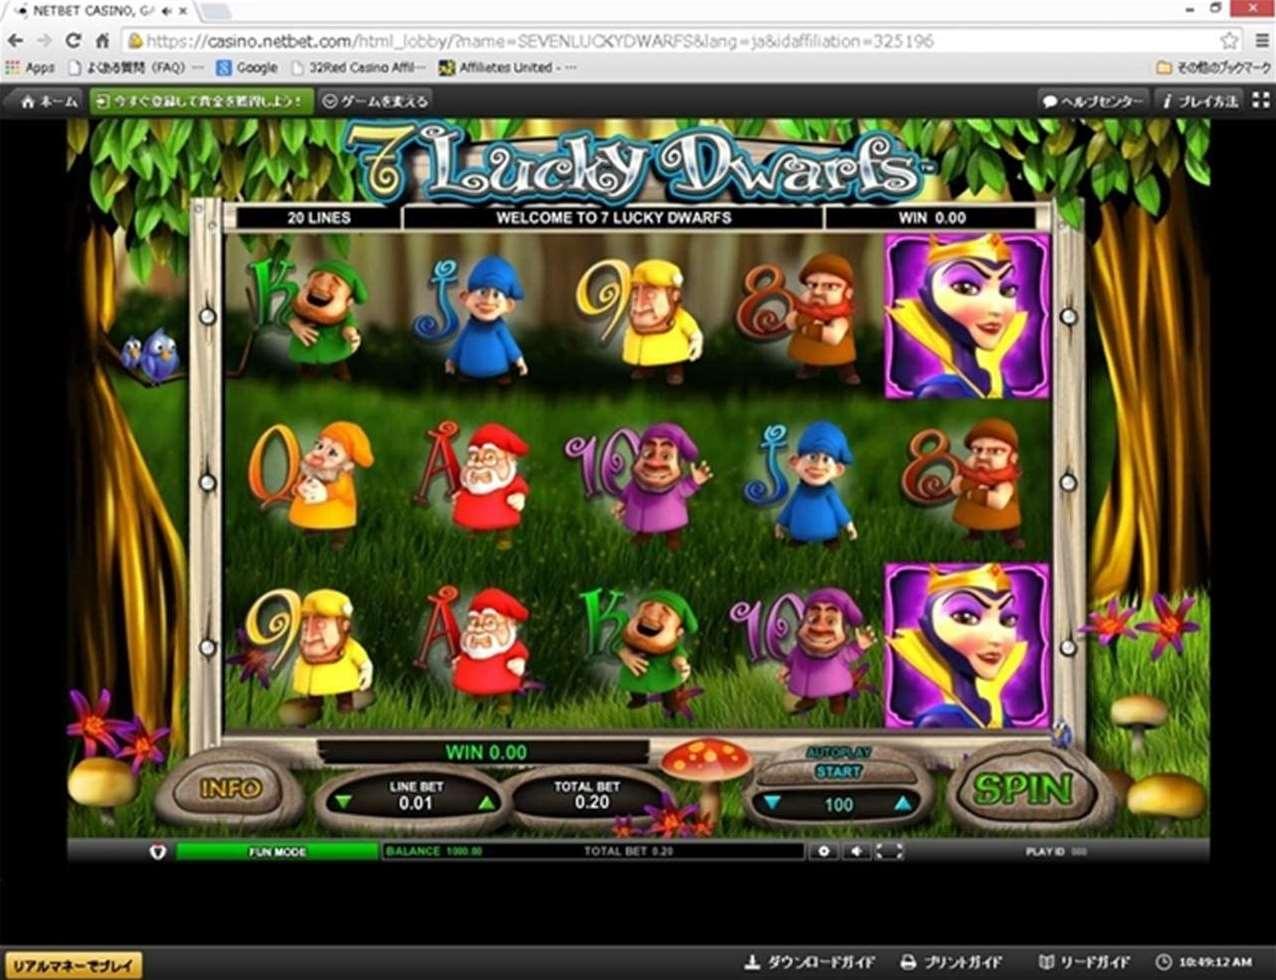 Seven Lucky Dwarfs